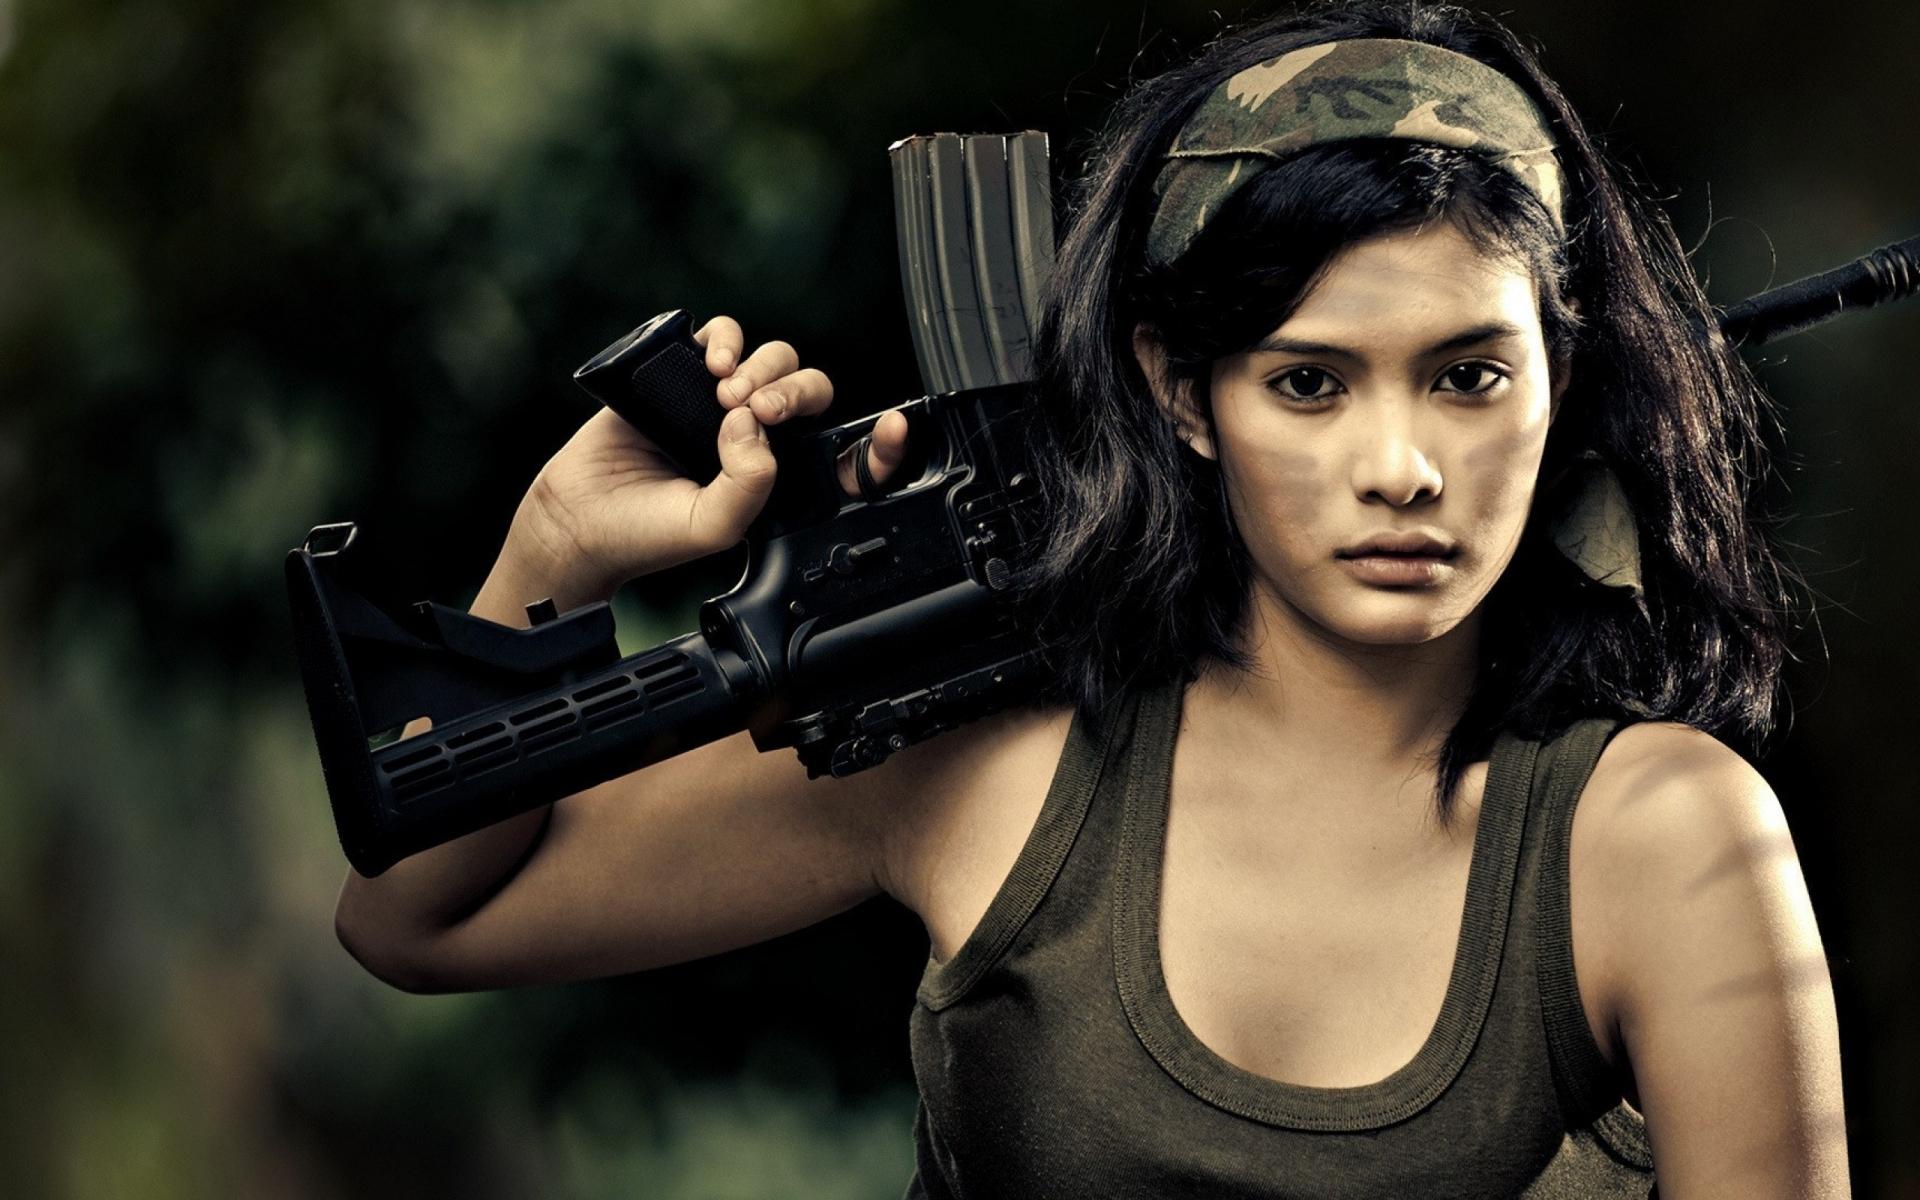 Chica con rifle de asalto - 1920x1200